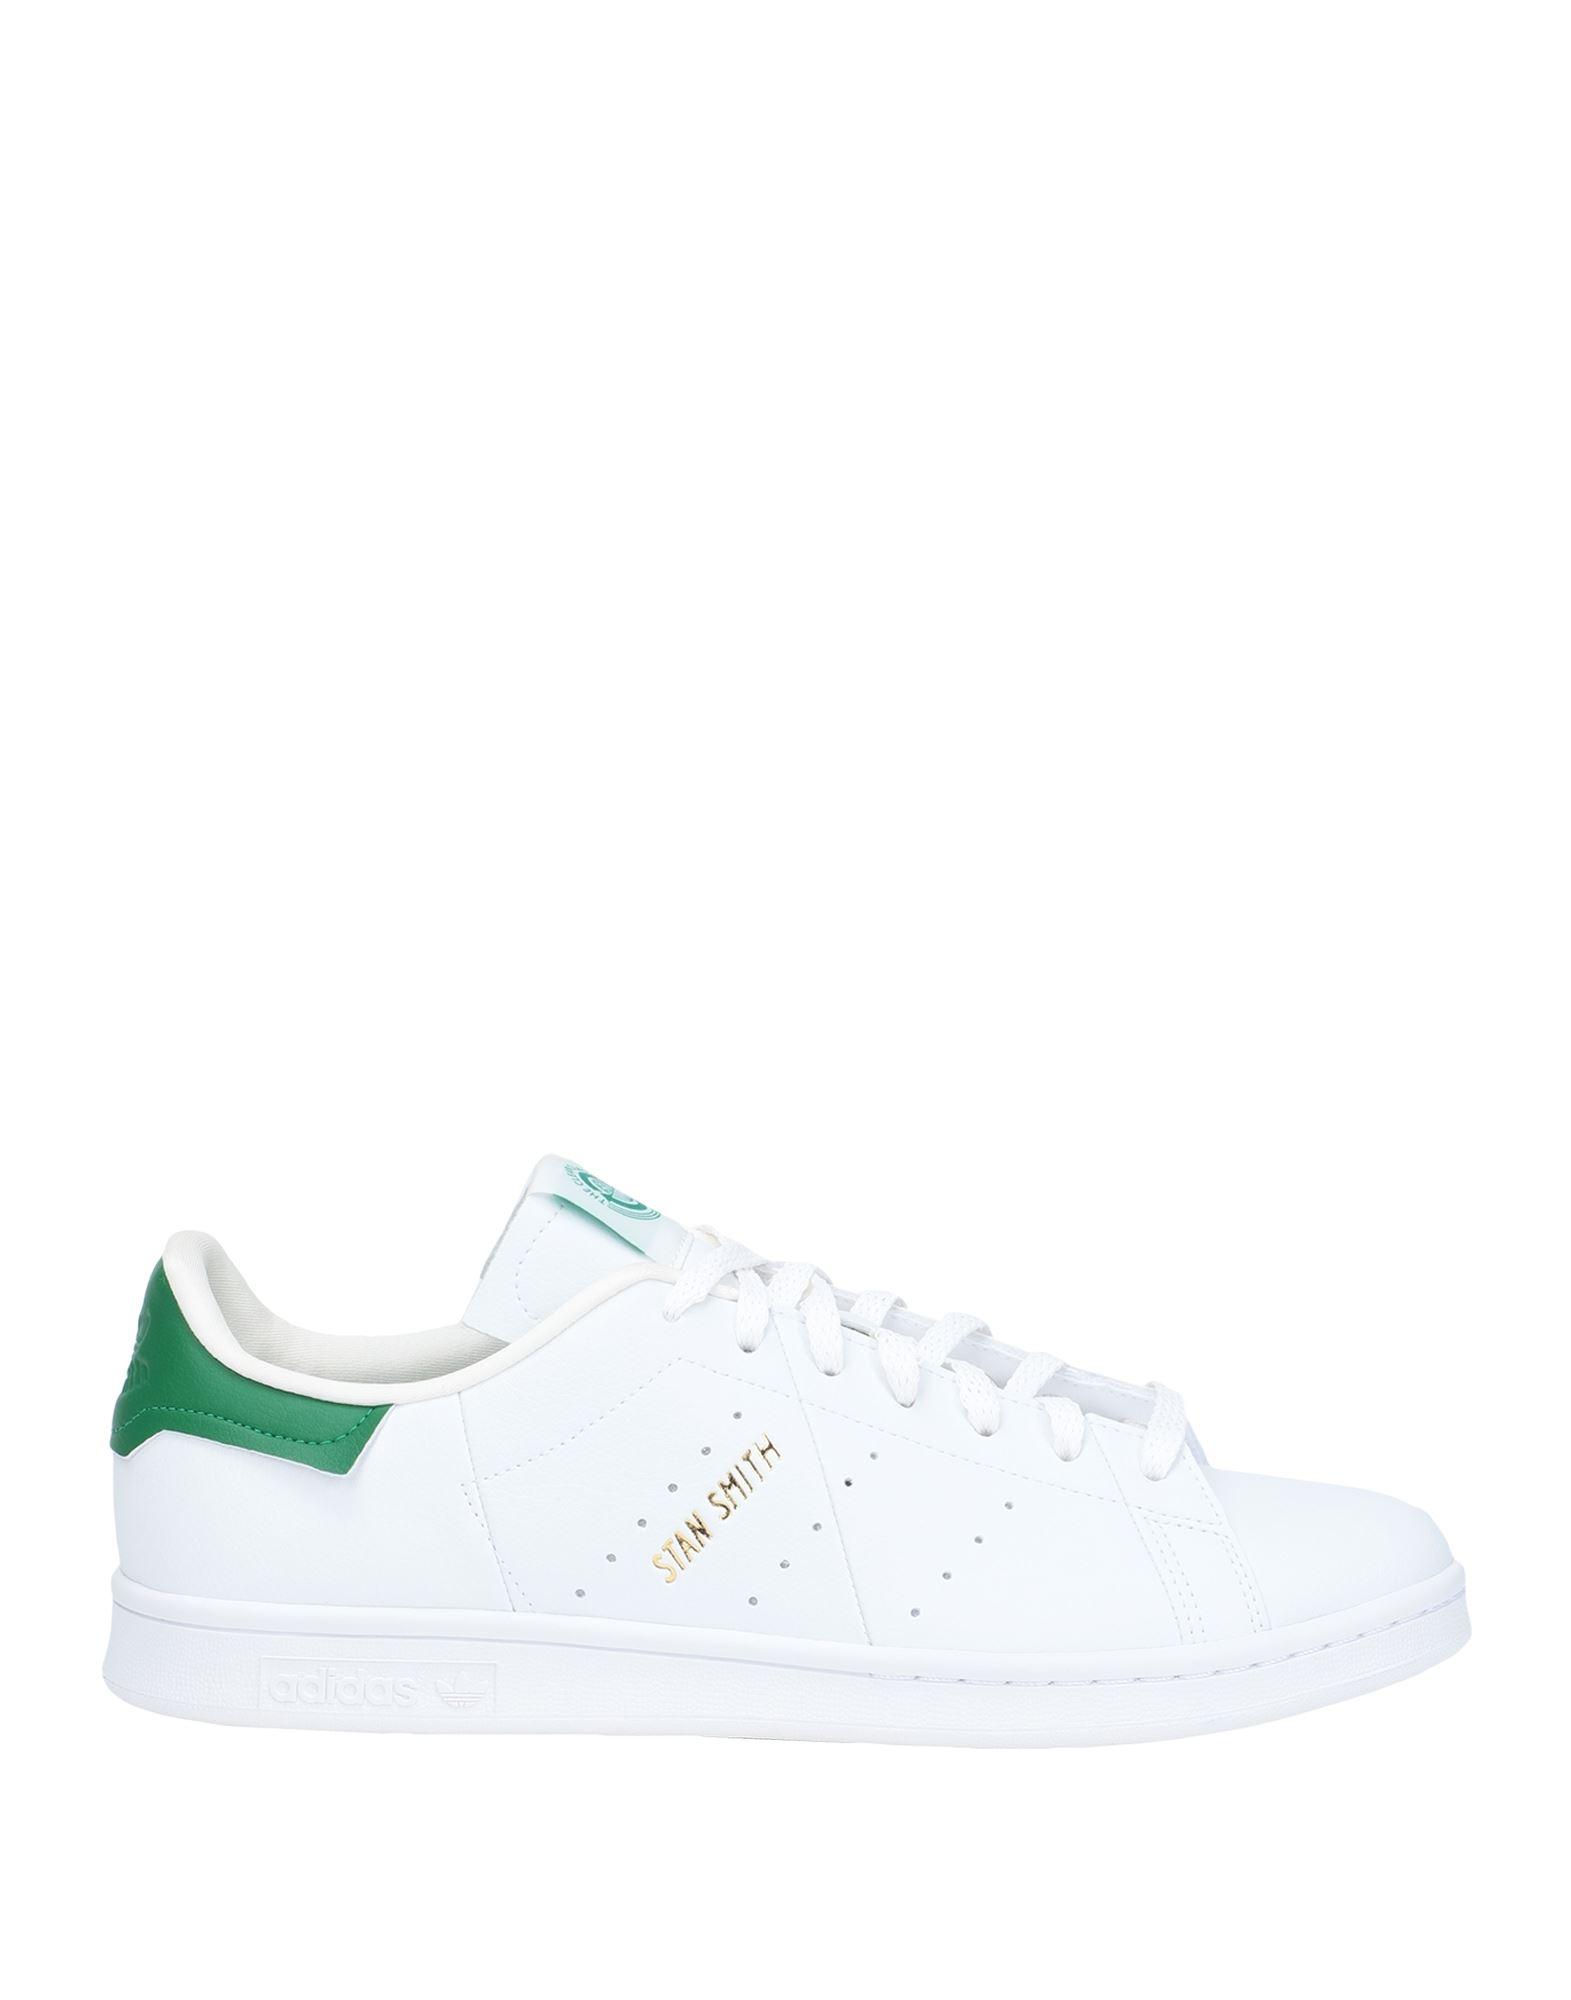 ADIDAS ORIGINALS Sneakers - Item 17094233